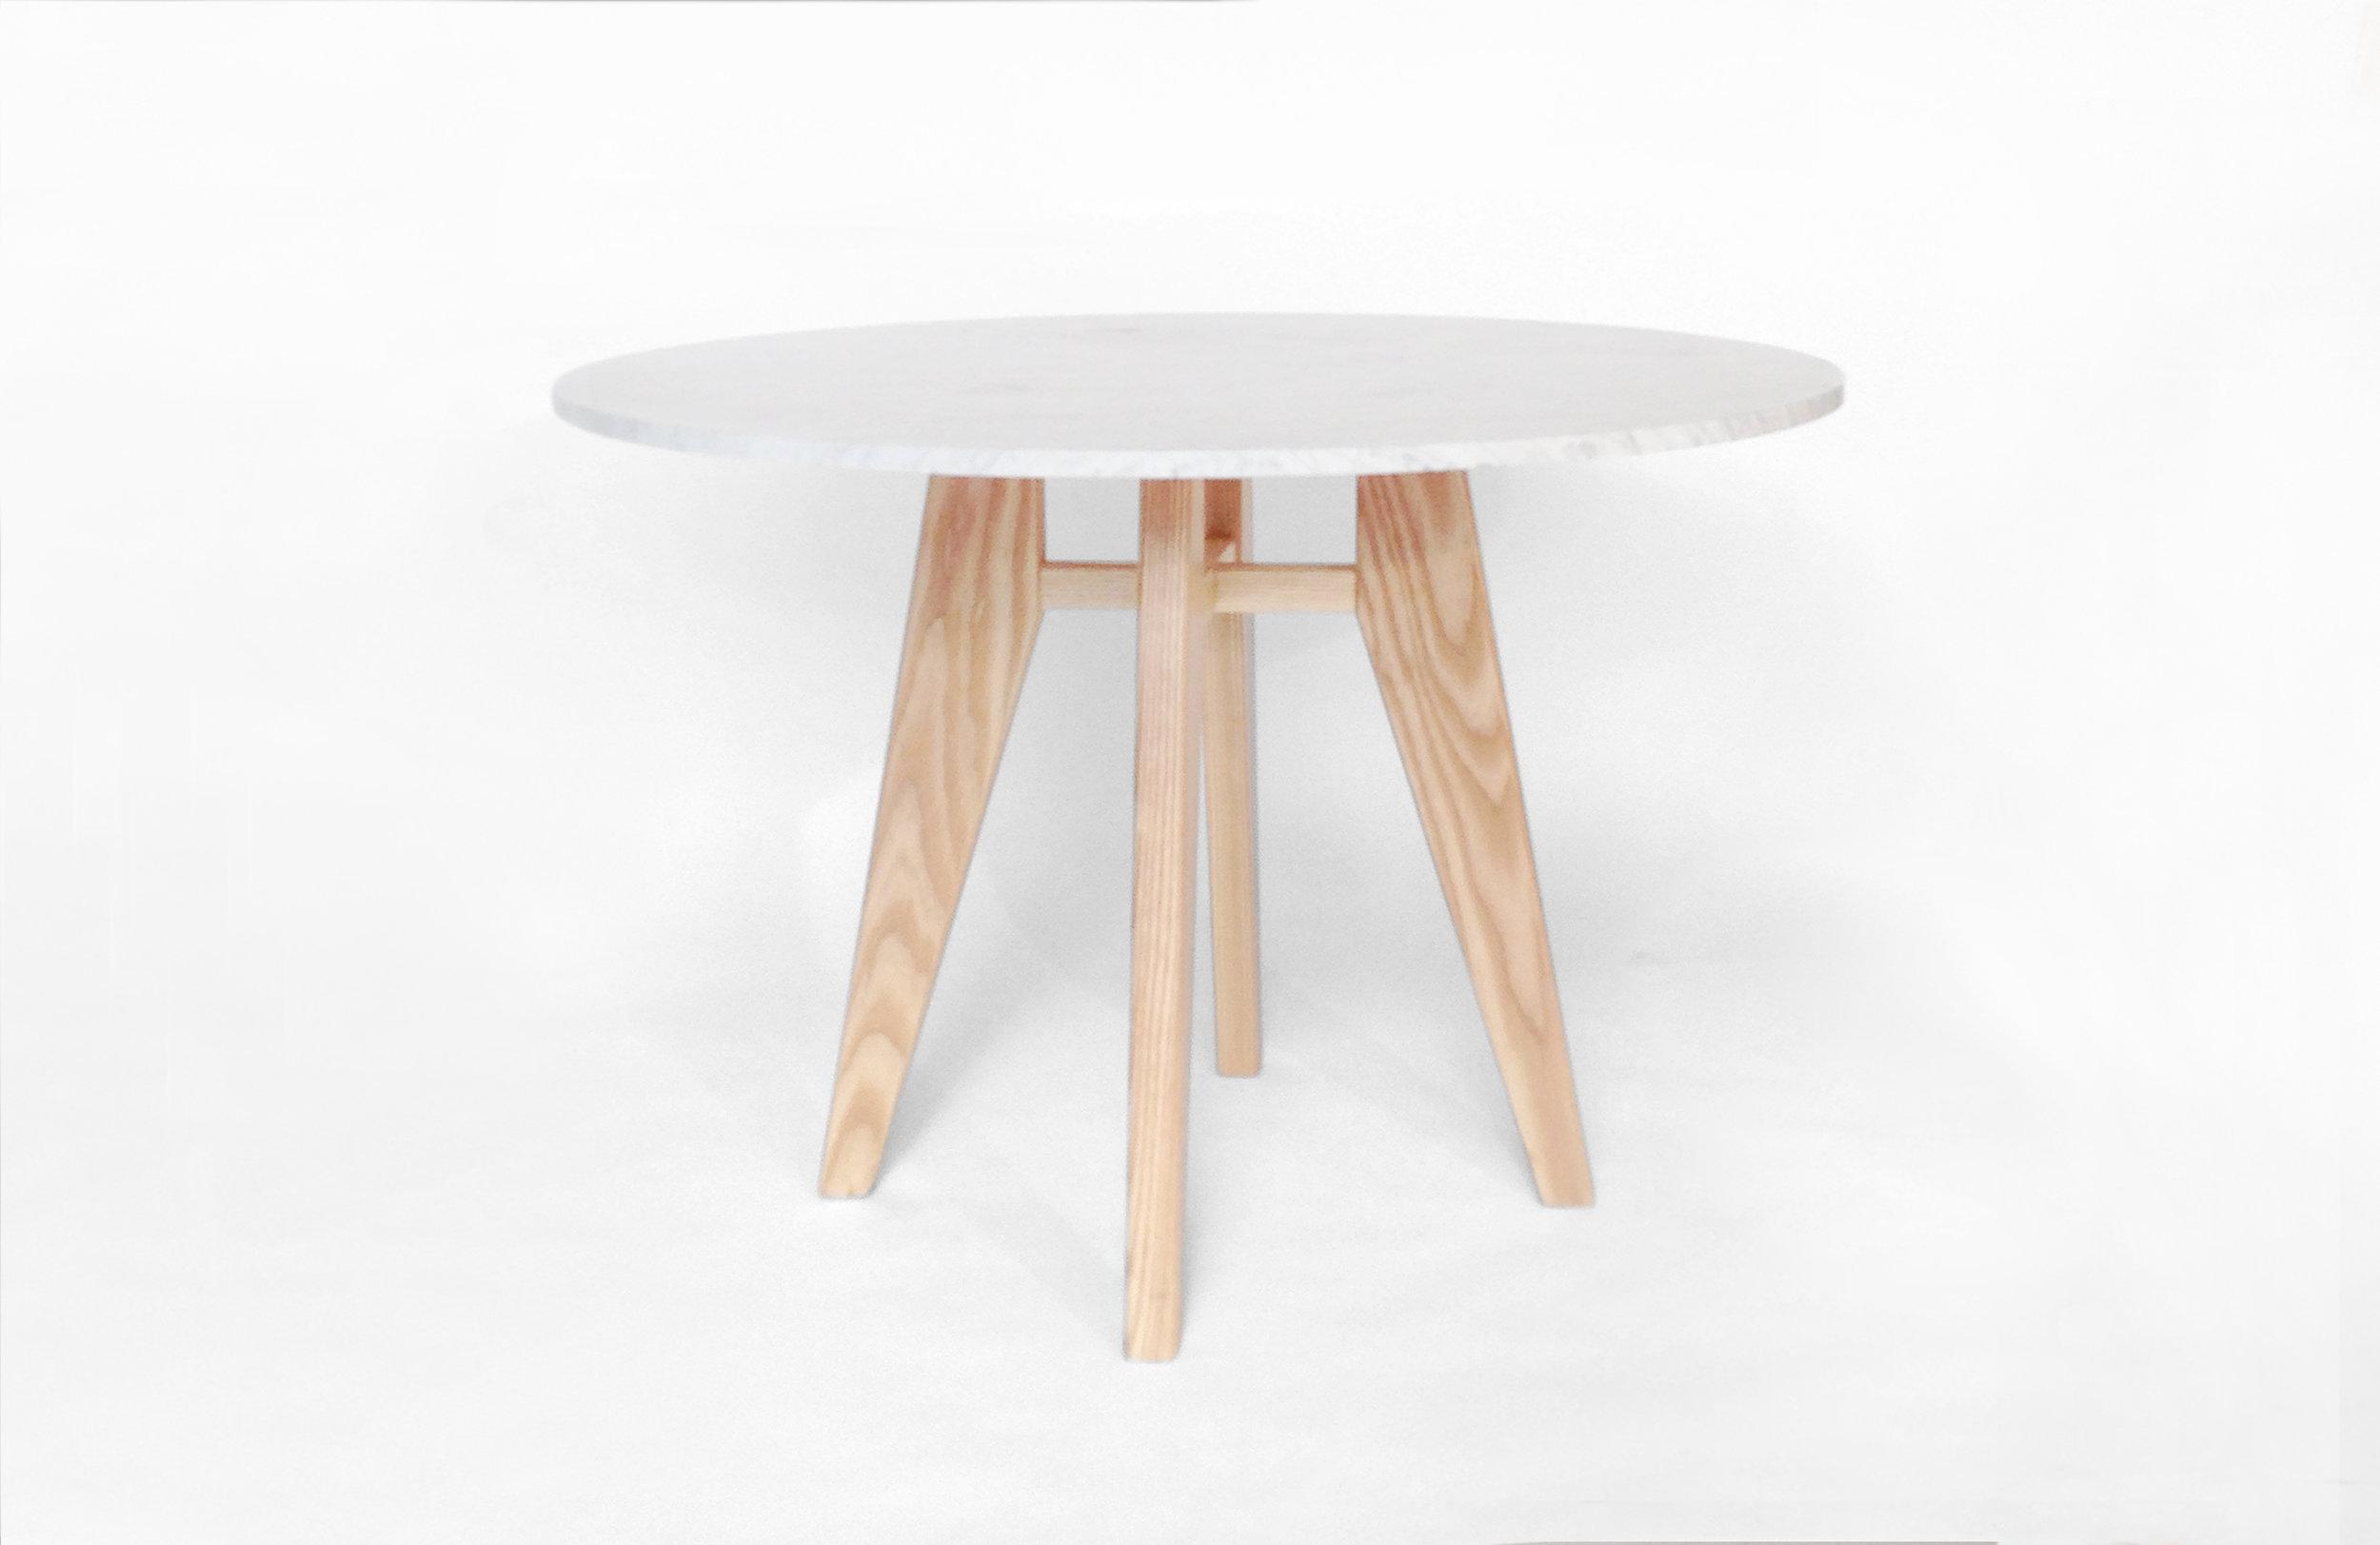 00 Breakfast Table - Front.jpg